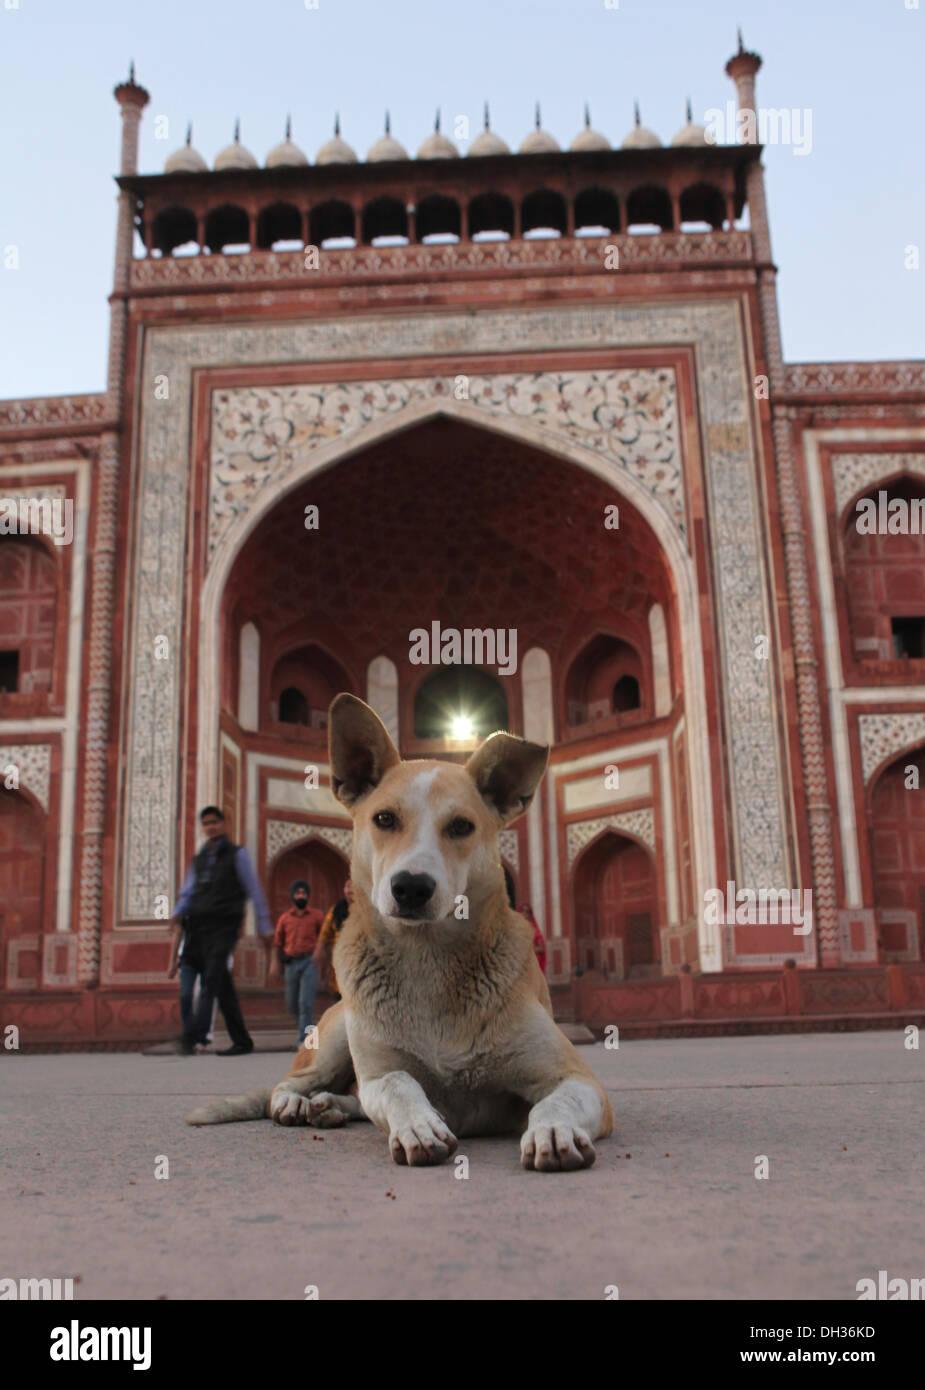 Perro en frente de la entrada al Taj Mahal, Agra, Uttar Pradesh, India, Asia Imagen De Stock